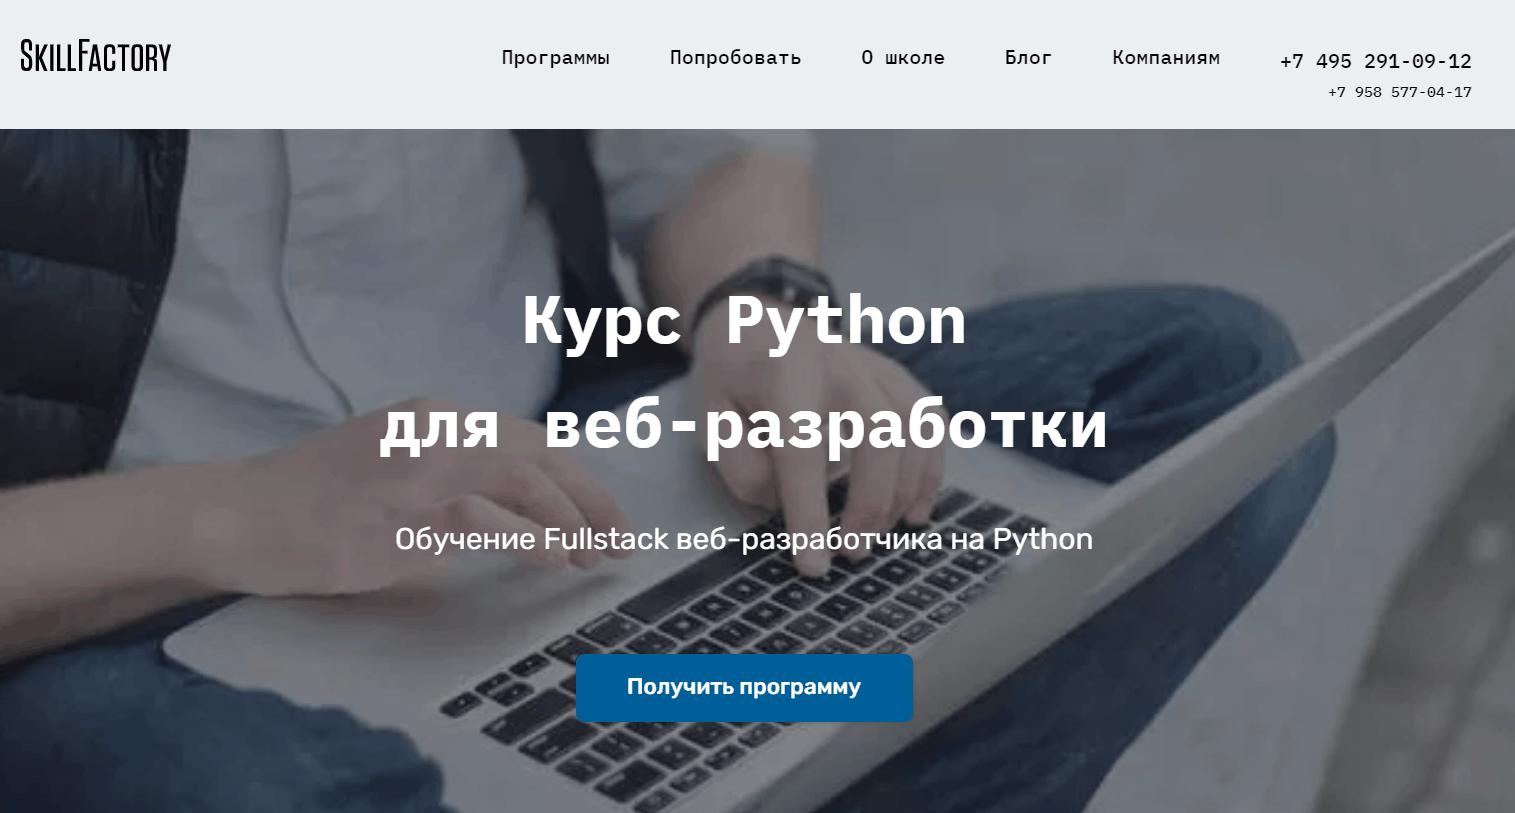 Python для веб-разработки SkillFactory